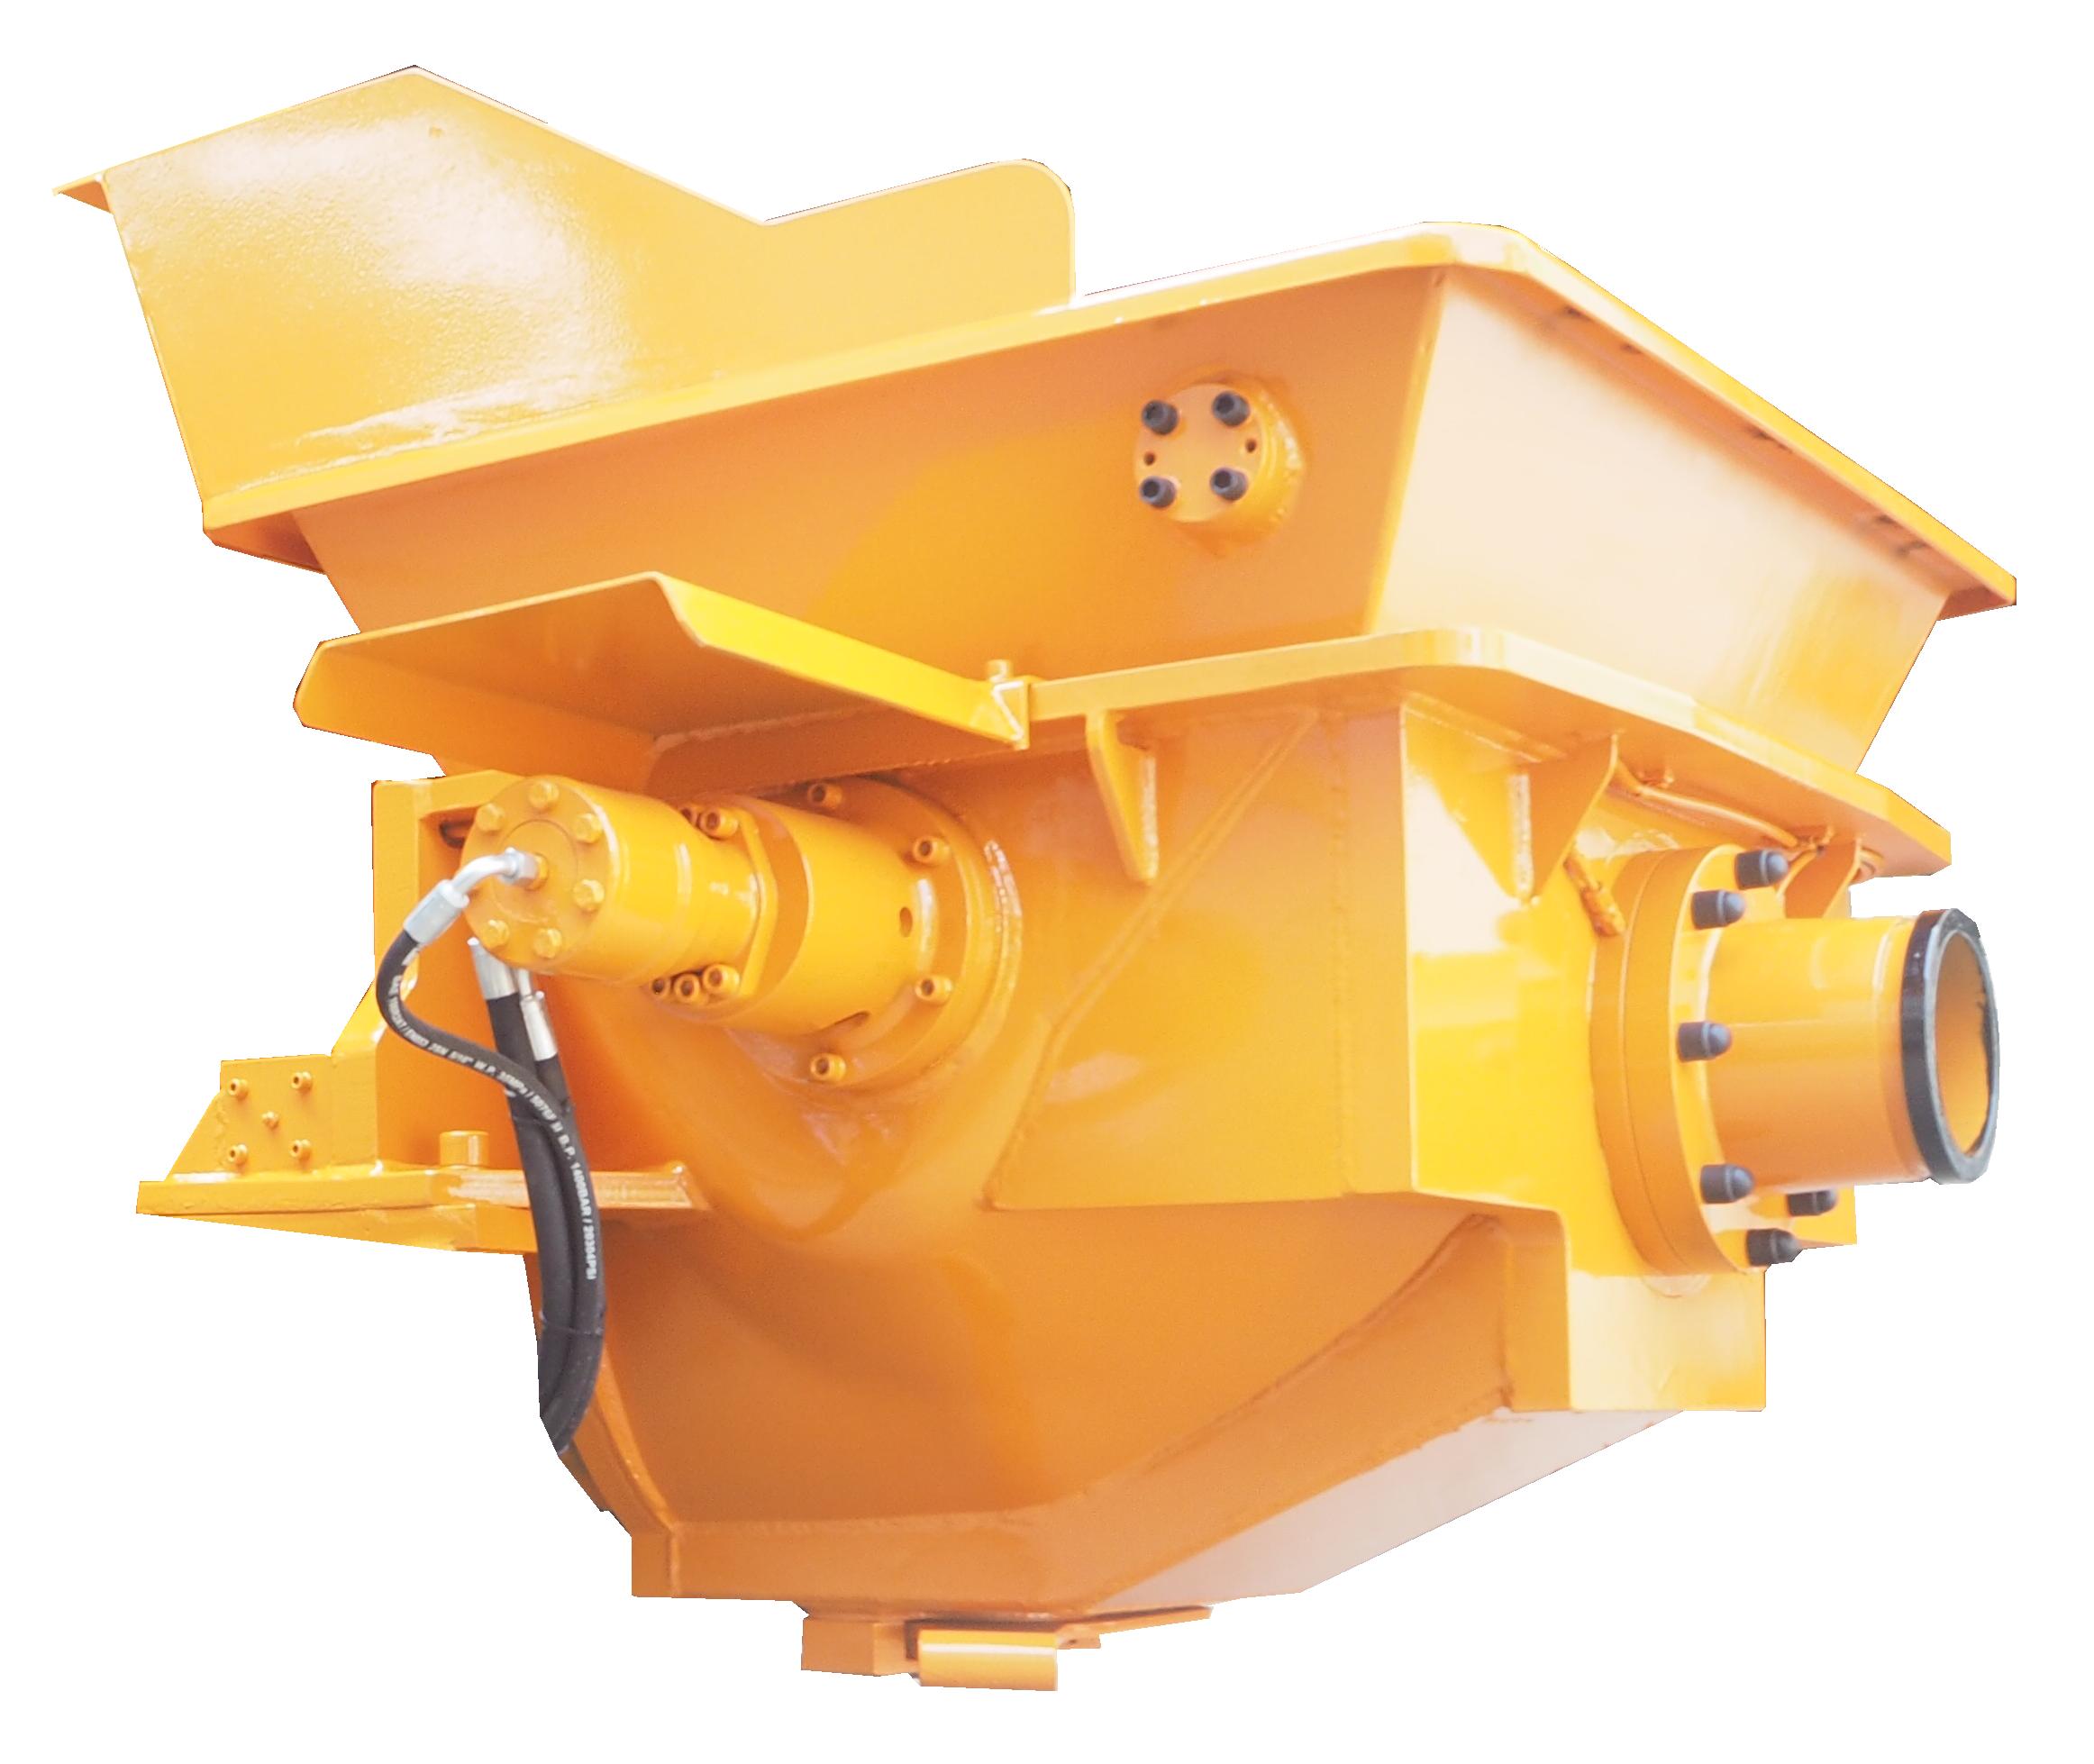 鸿运国际细石泵料斗的技术优势